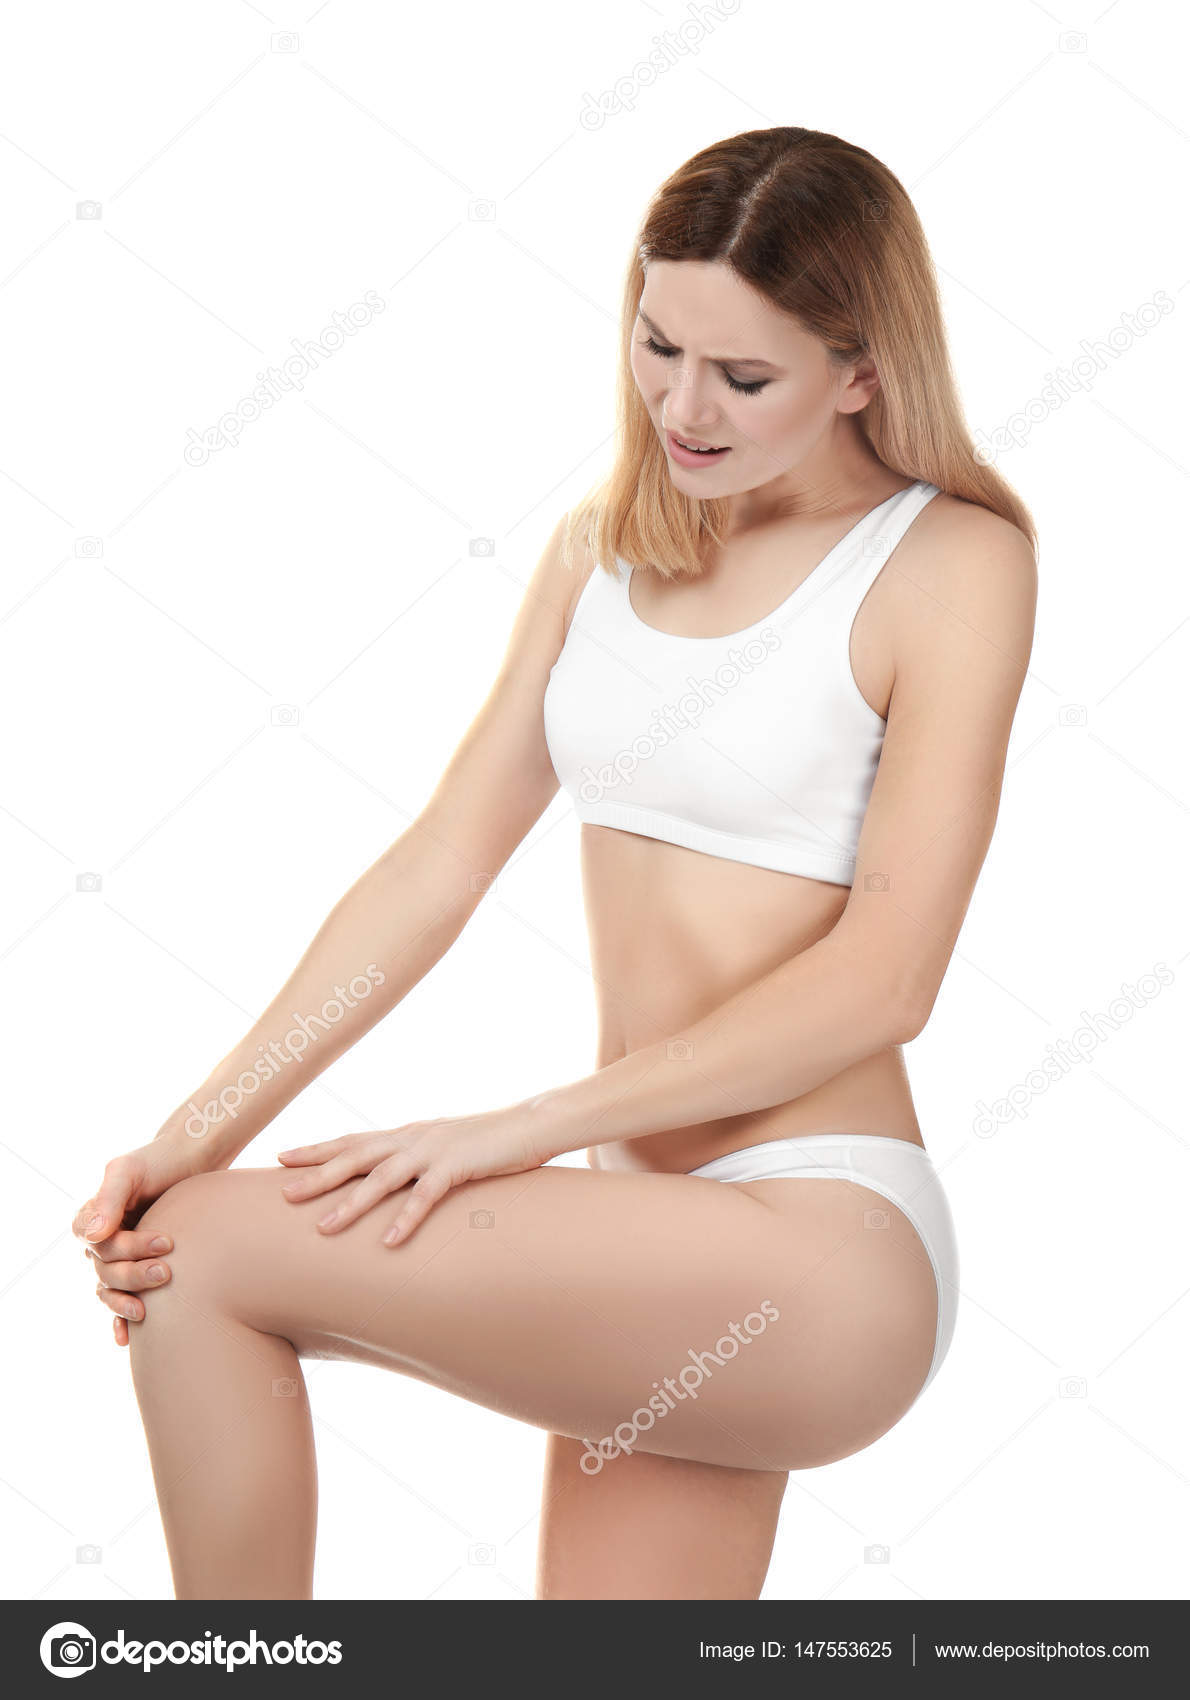 La oferta definitiva en dolor detras de la rodilla